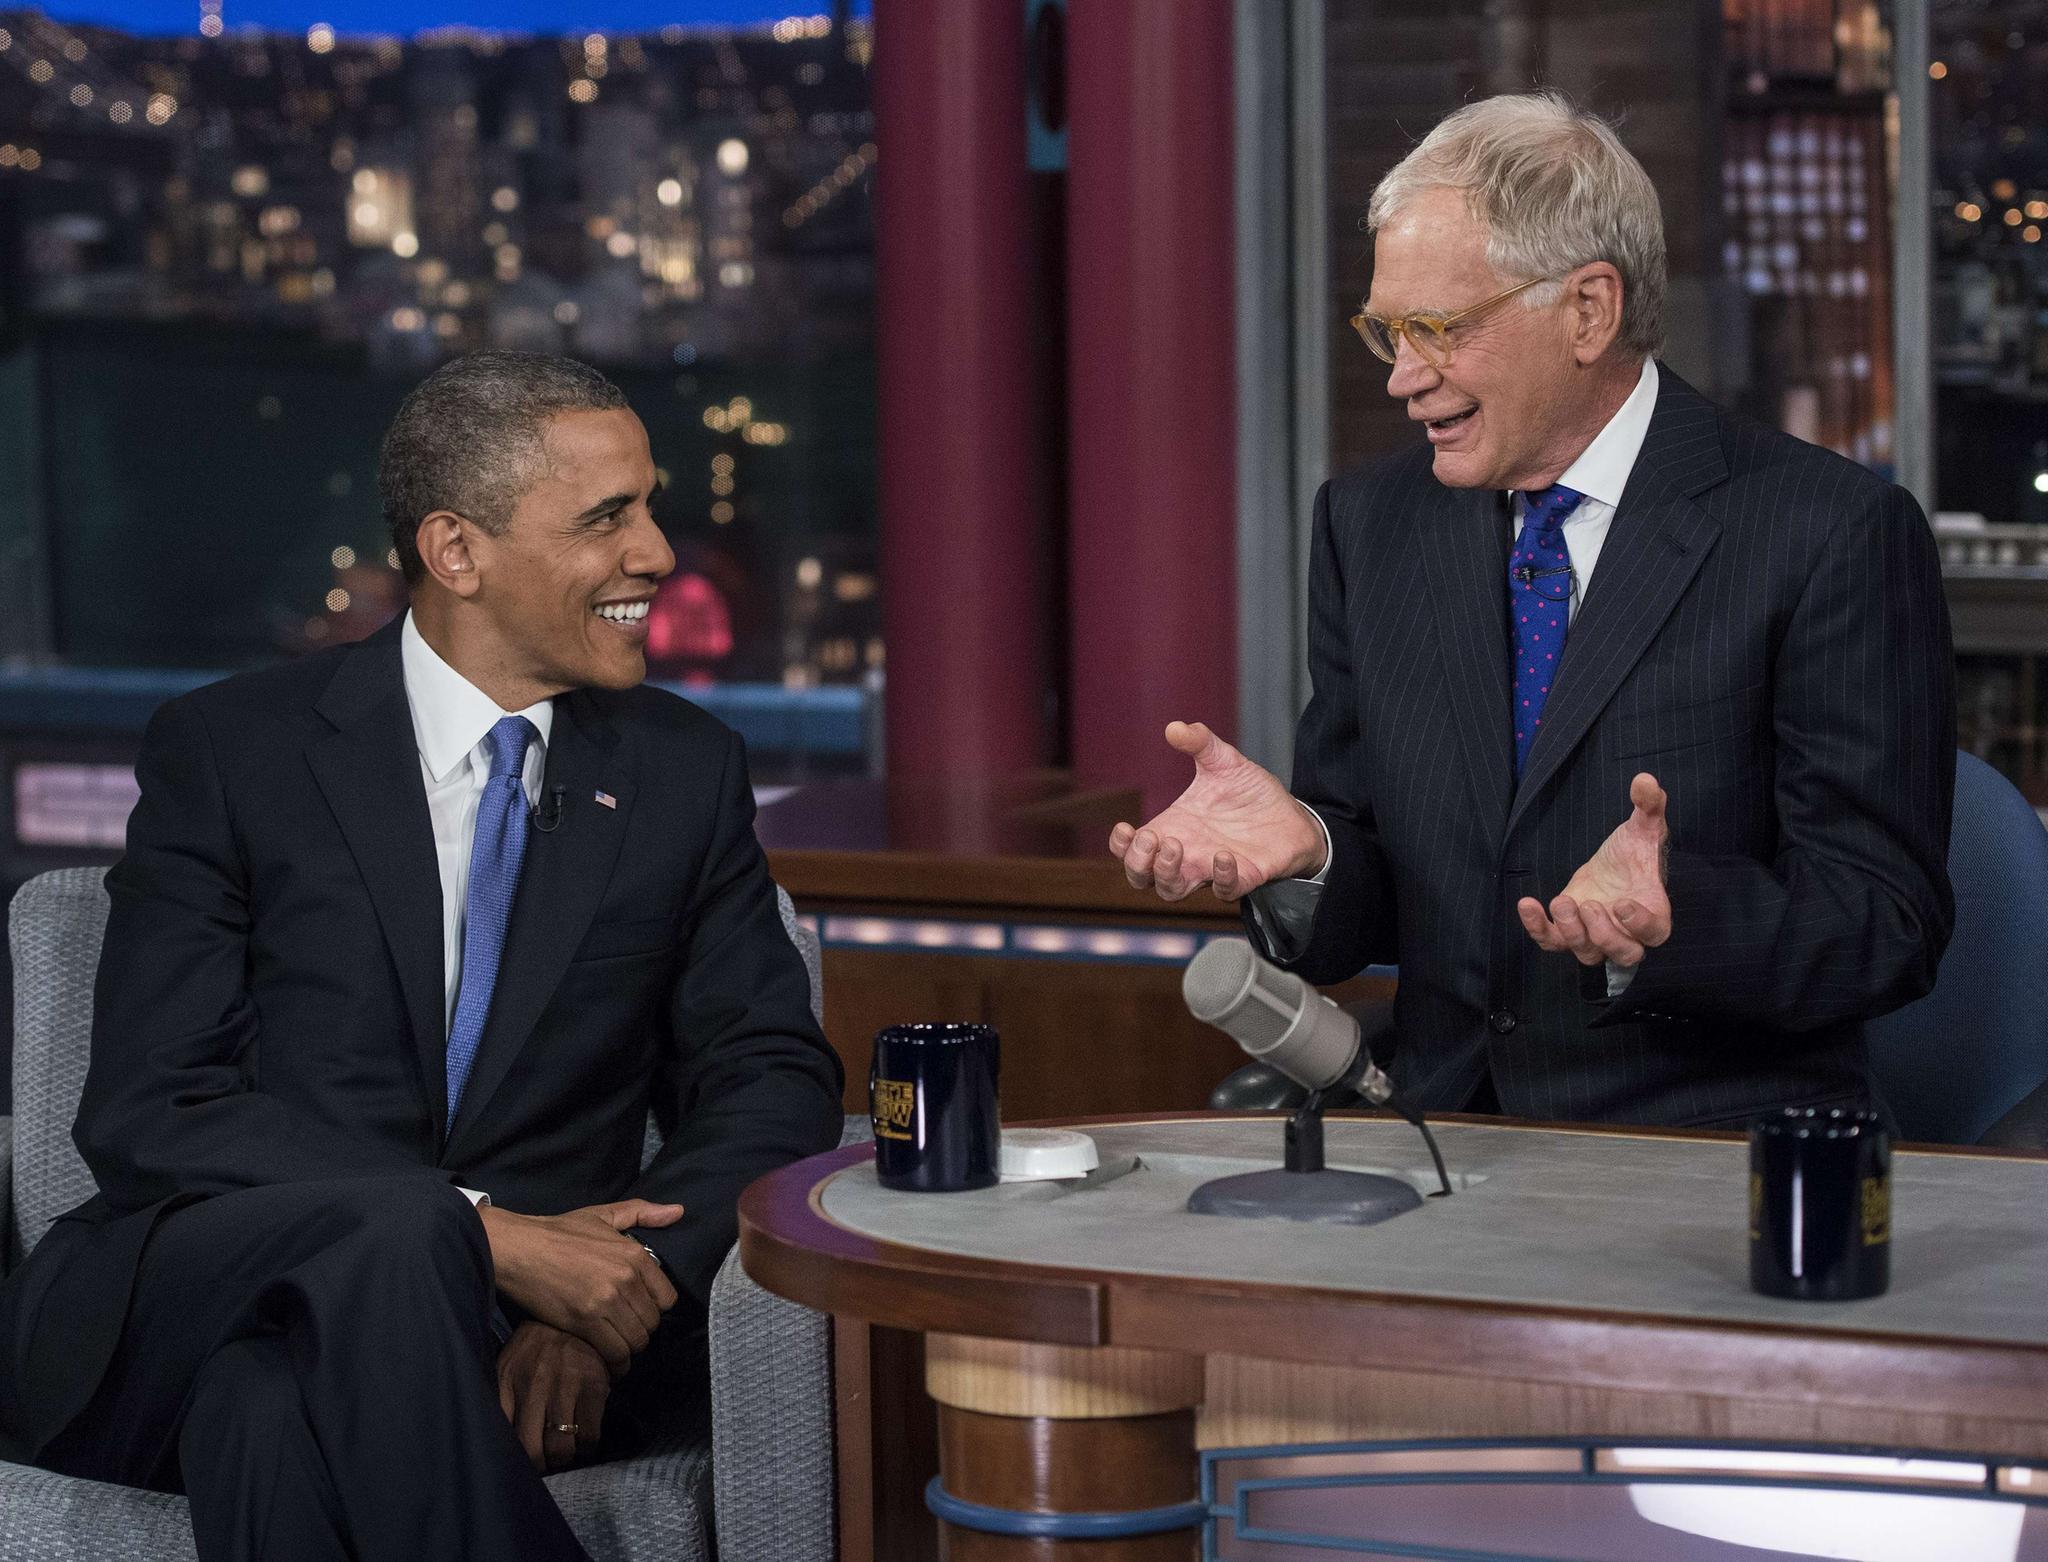 News David Letterman feiert Fernseh eback mit Barack Obama